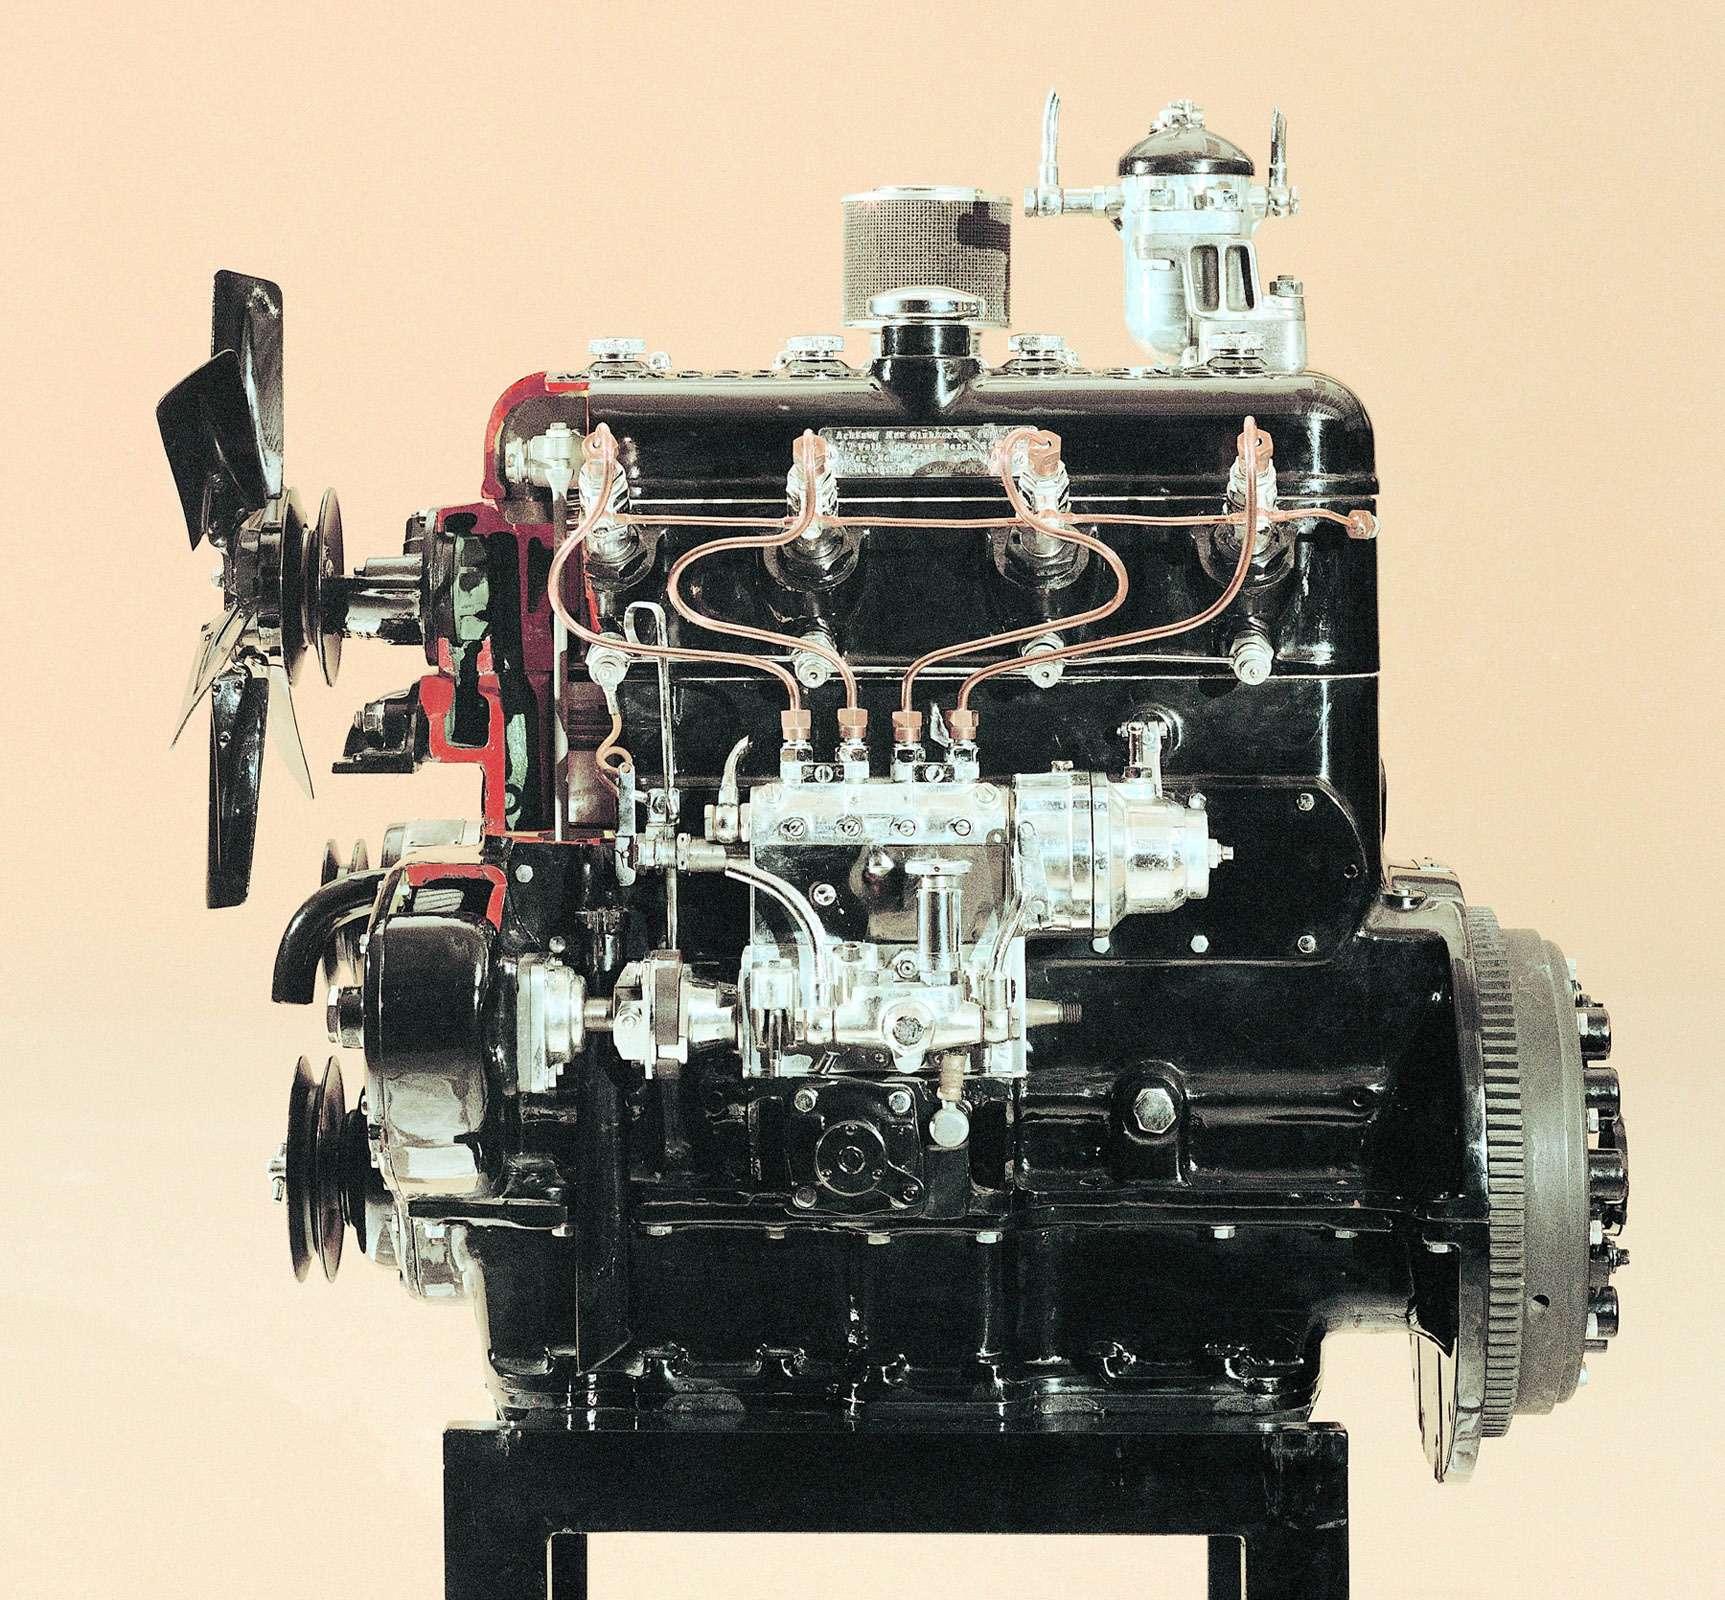 Четырехцилиндровый легковой дизель OM138. С1938 года внем применили свечи накаливания, облегчающие холодный запуск.